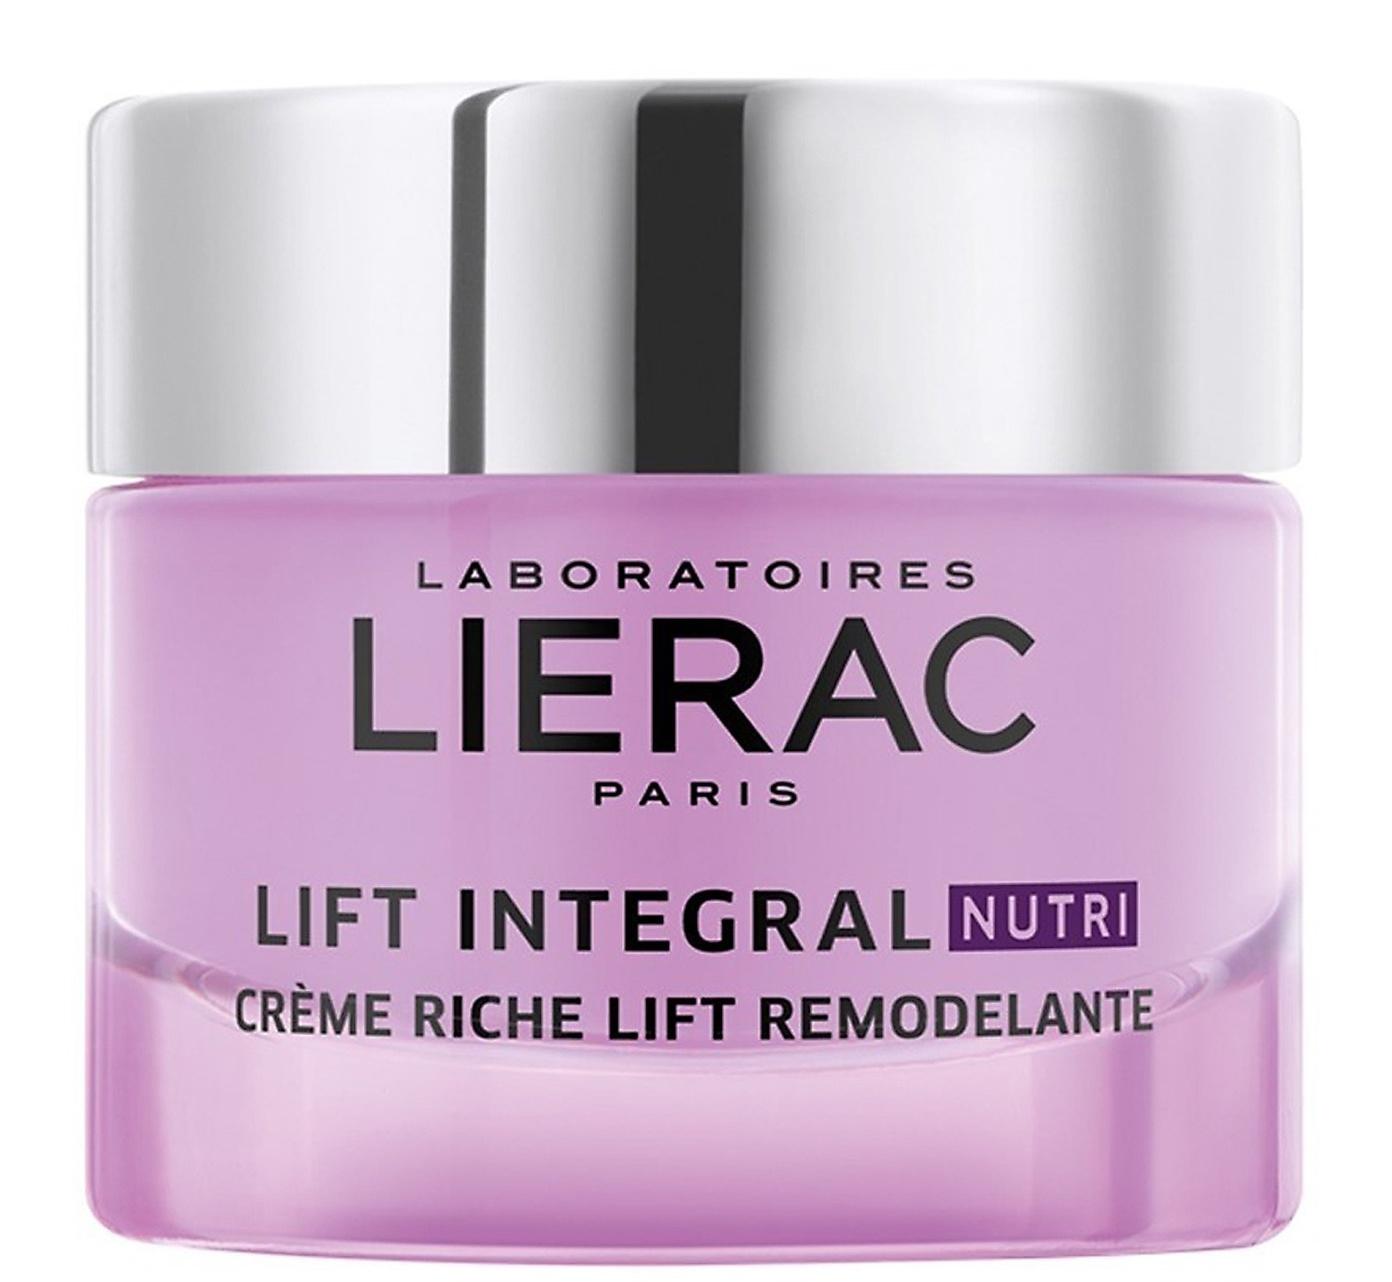 Lierac Lift Integral Nutri Rich Cream